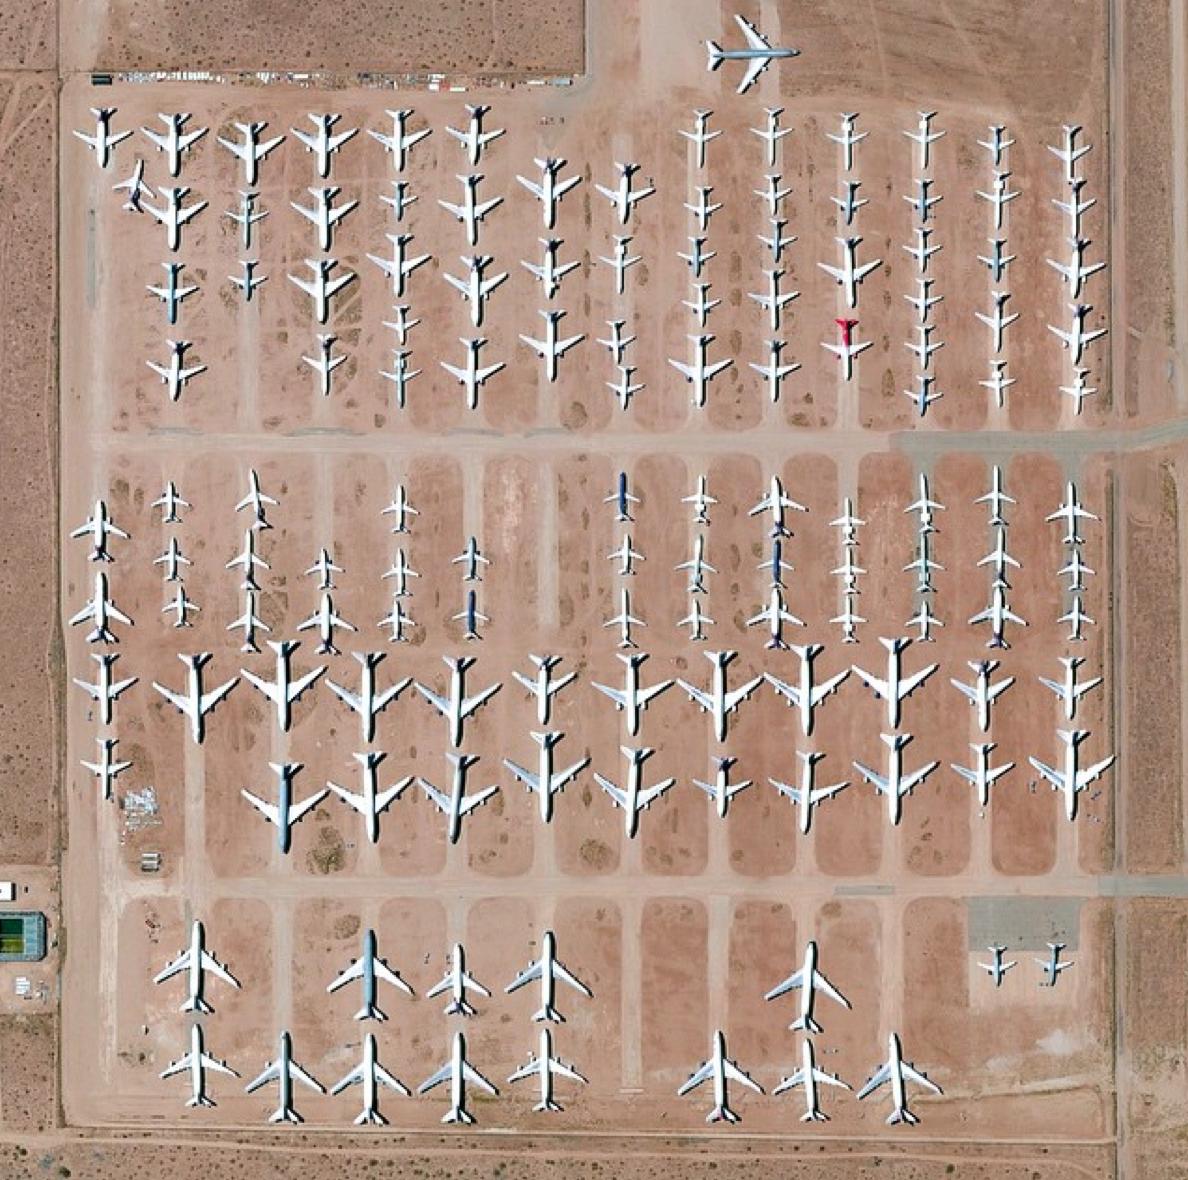 El aeropuerto de Victorville, en California, es un punto neurálgico de aviones comerciales. En la foto se ve un cementerio de aviones con más de 150 aeronaves jubiladas.